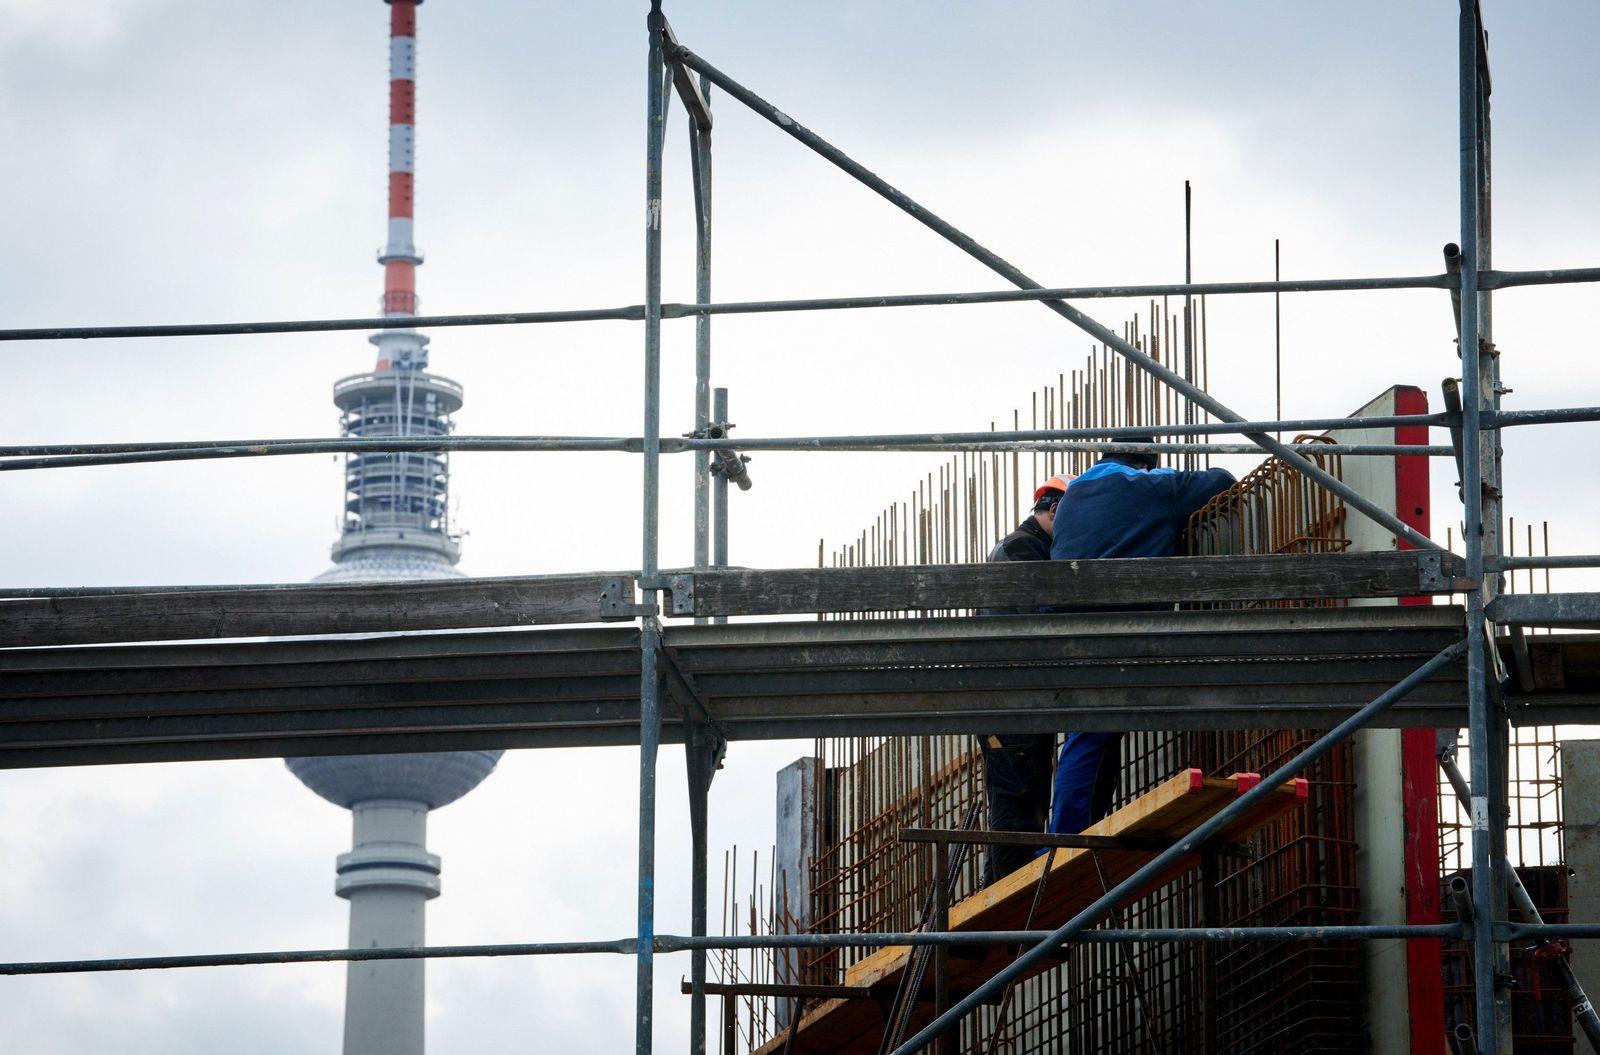 Wohnungsbau Berlin Bauarbeiter